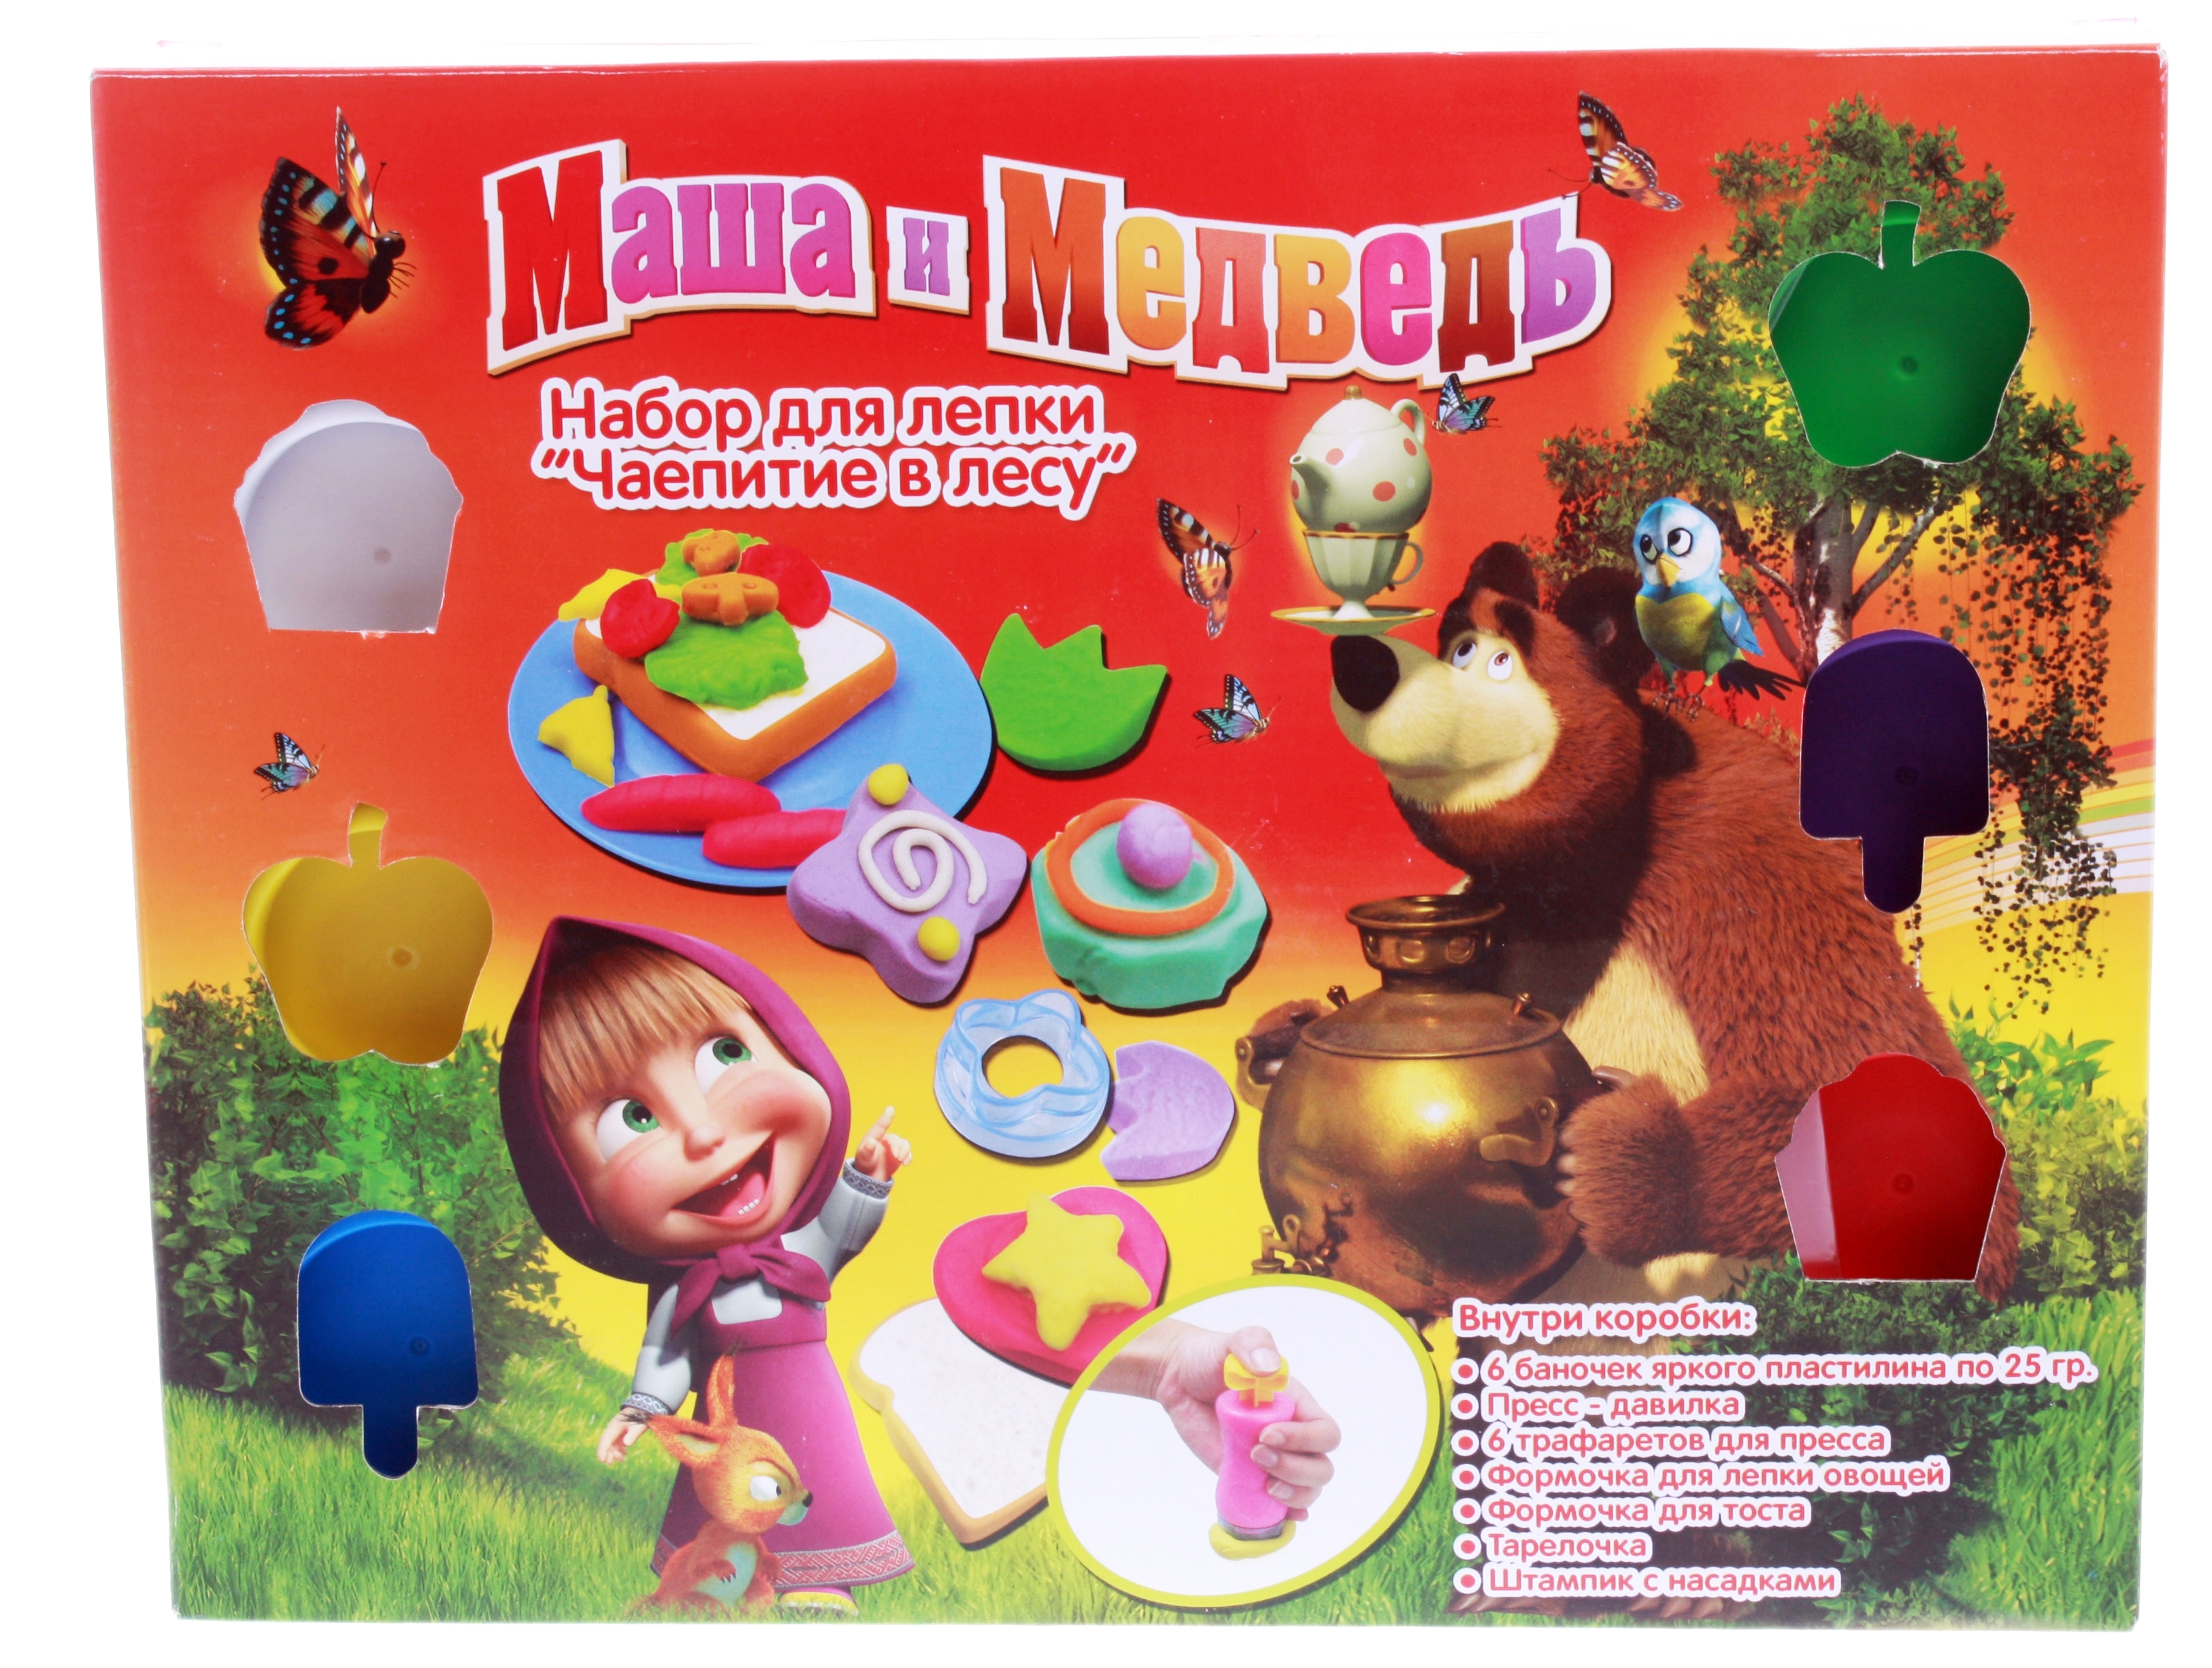 Набор пластилина «Чаепитие в лесу» из серии Маша и МедведьМаша и медведь игрушки<br>Набор пластилина «Чаепитие в лесу» из серии Маша и Медведь<br>